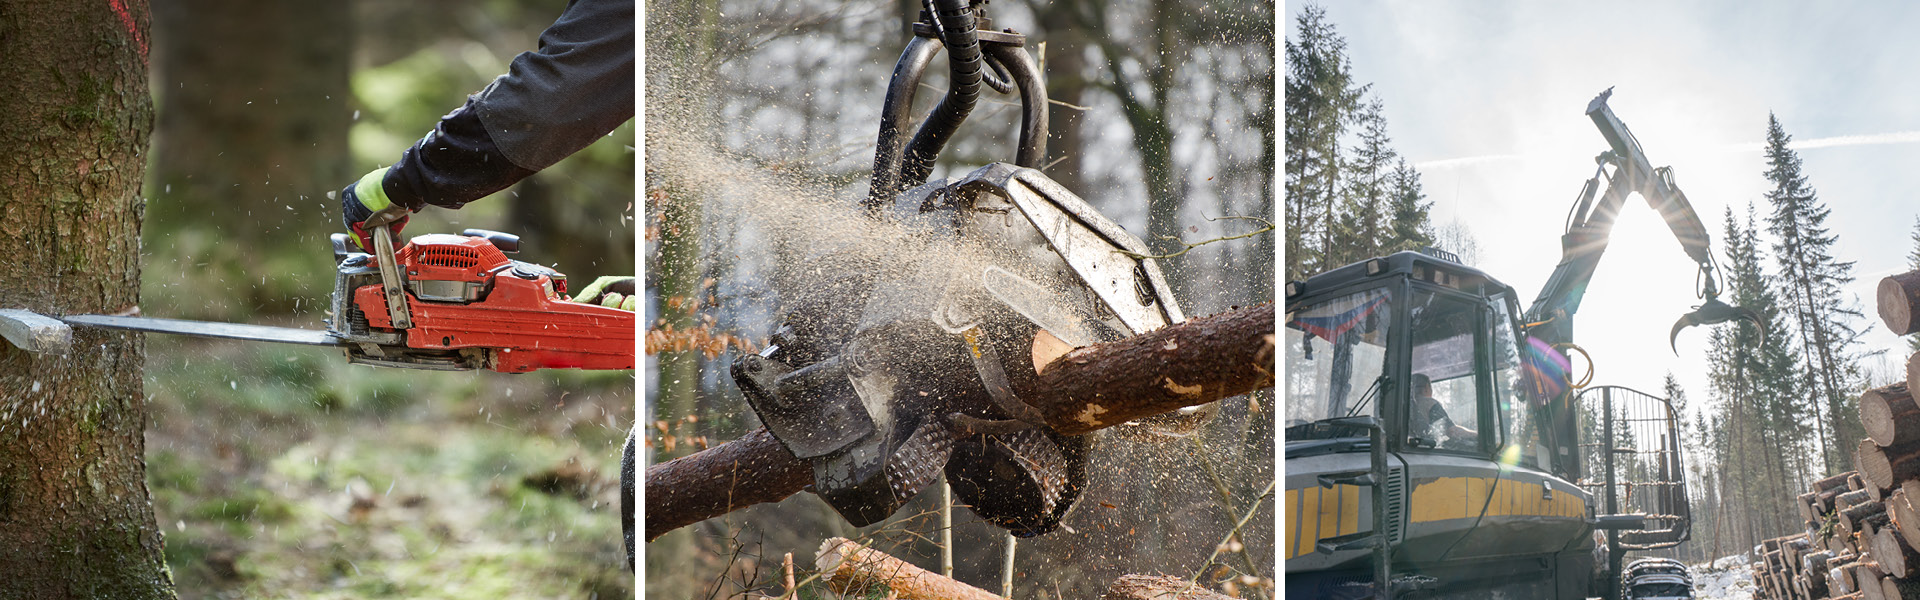 Foto-Collage von verschiedenen Arbeitsschritten in der Baumernte mit der Motorsäge, dem Holzvollernter und einem Tragschlepper.